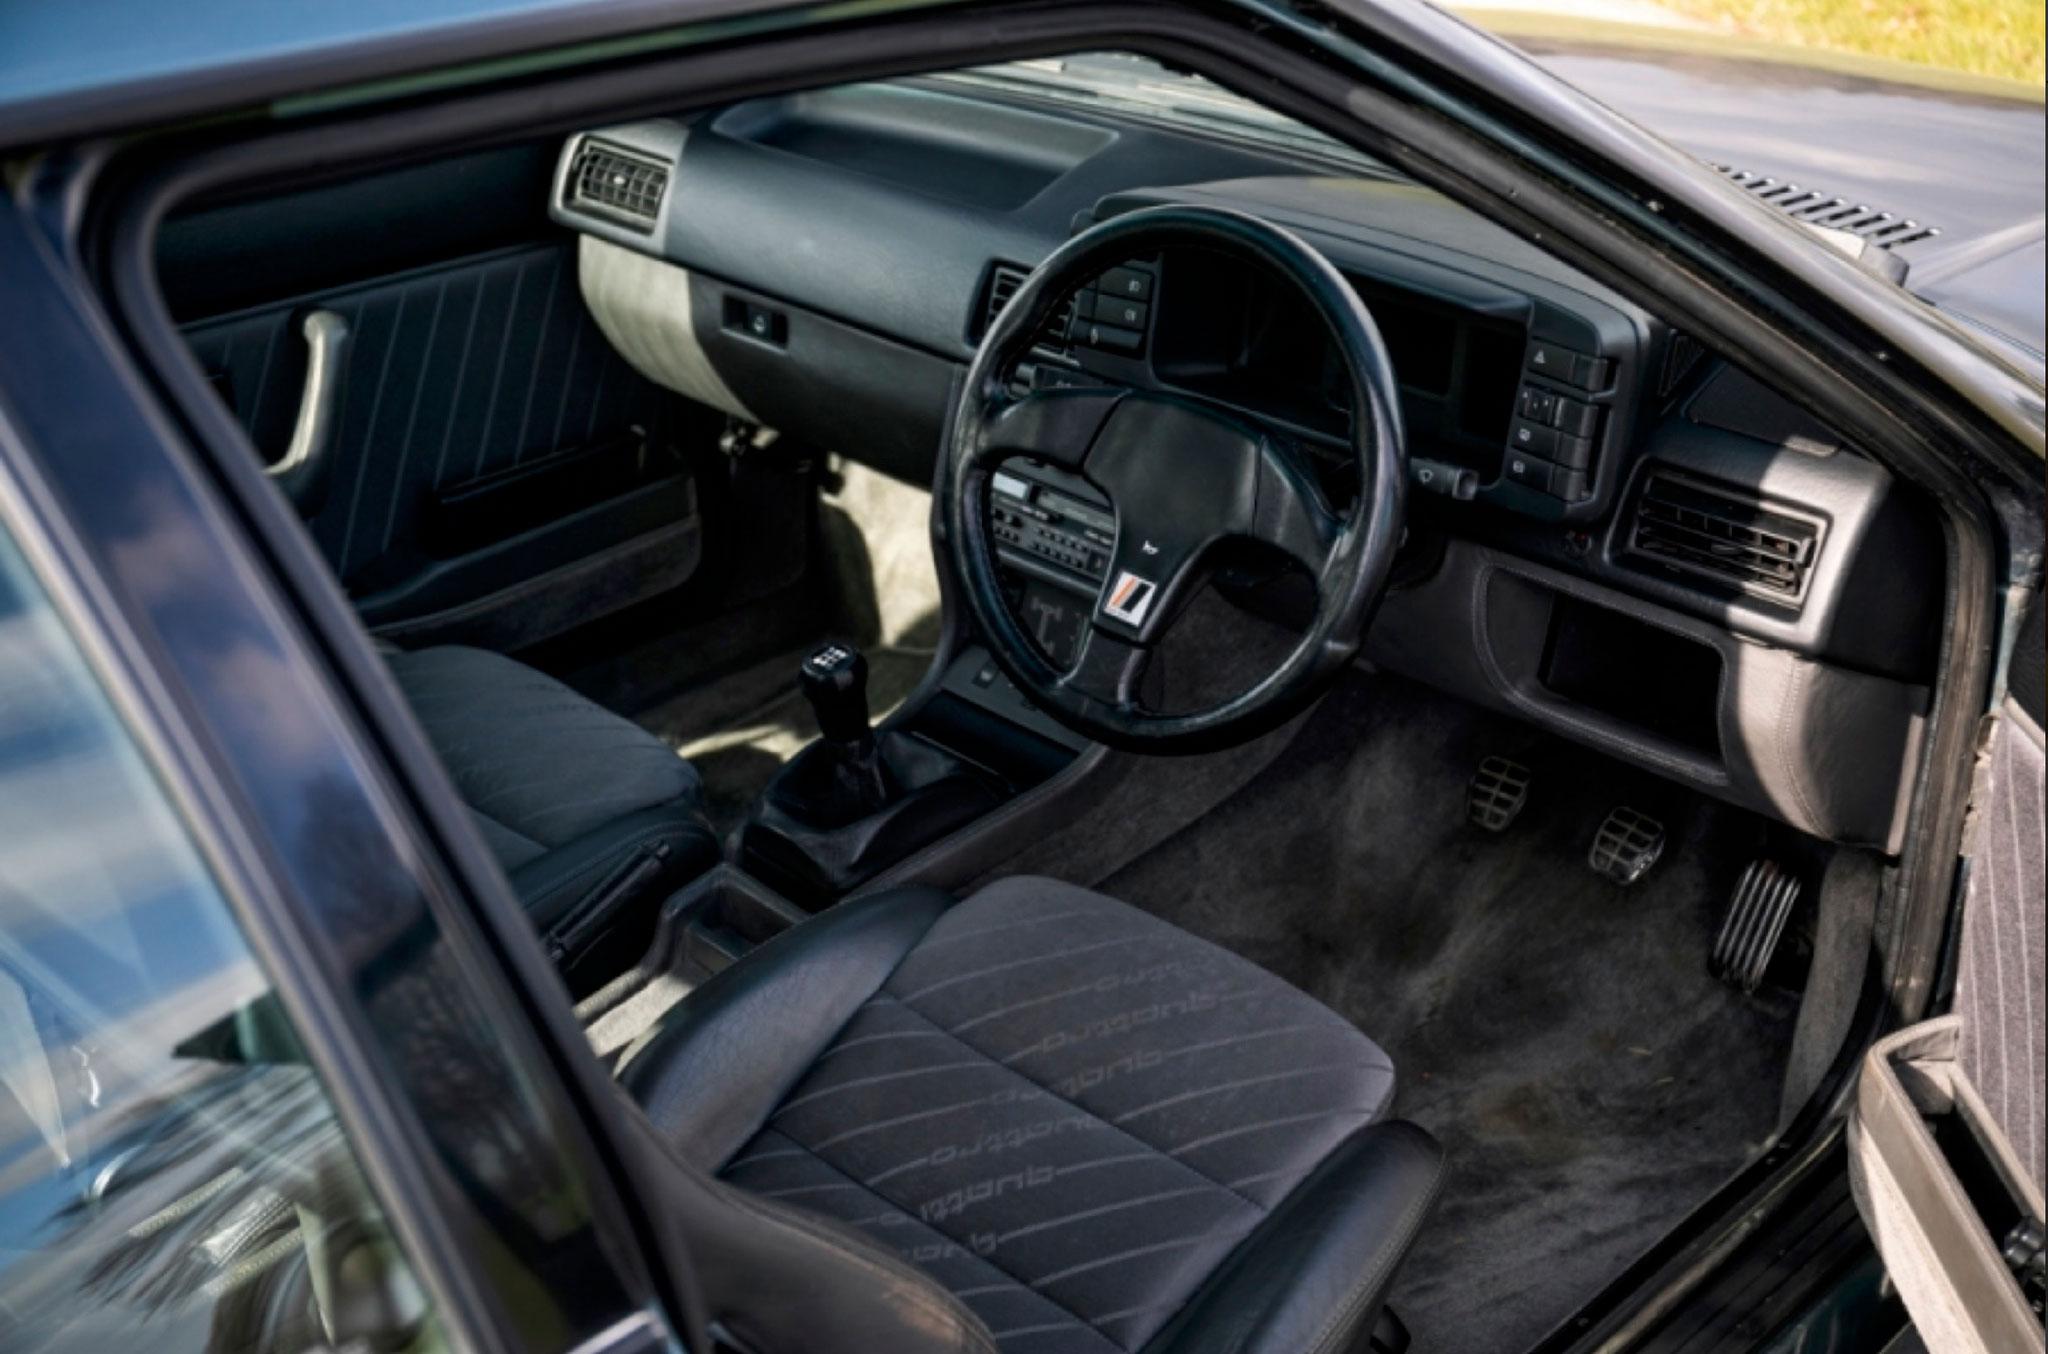 1990 Audi Quattro 20V poste de conduite et tableau de bord - Classic Car Auctions mars 2021.